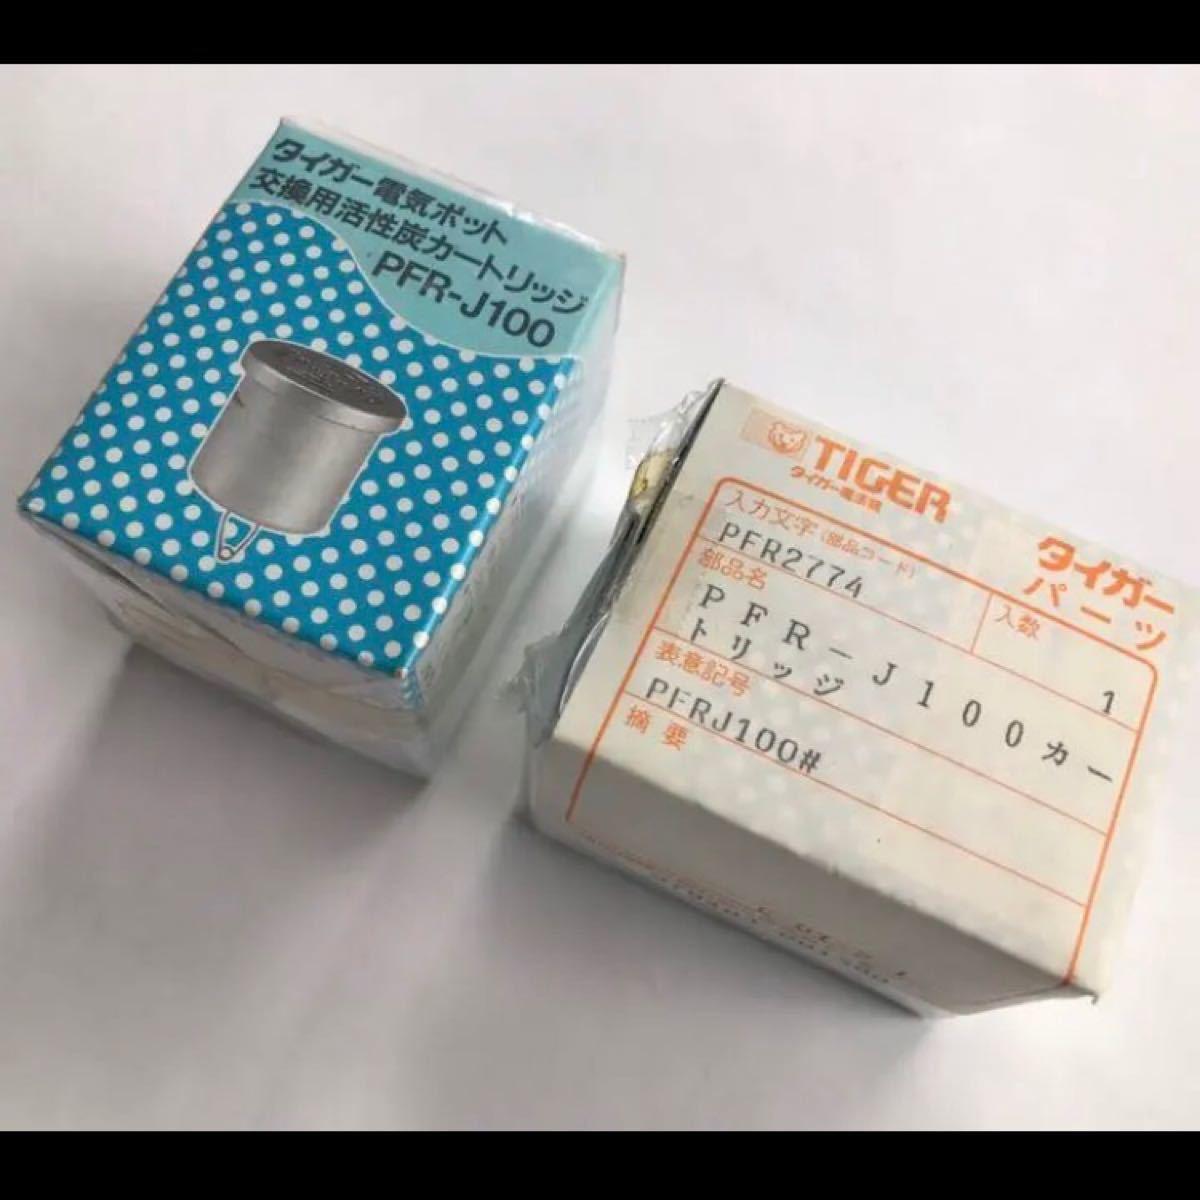 TIGER【タイガー 浄水電気ポット マイコンポット カートリッジ PDE-J100 2個セット】新品